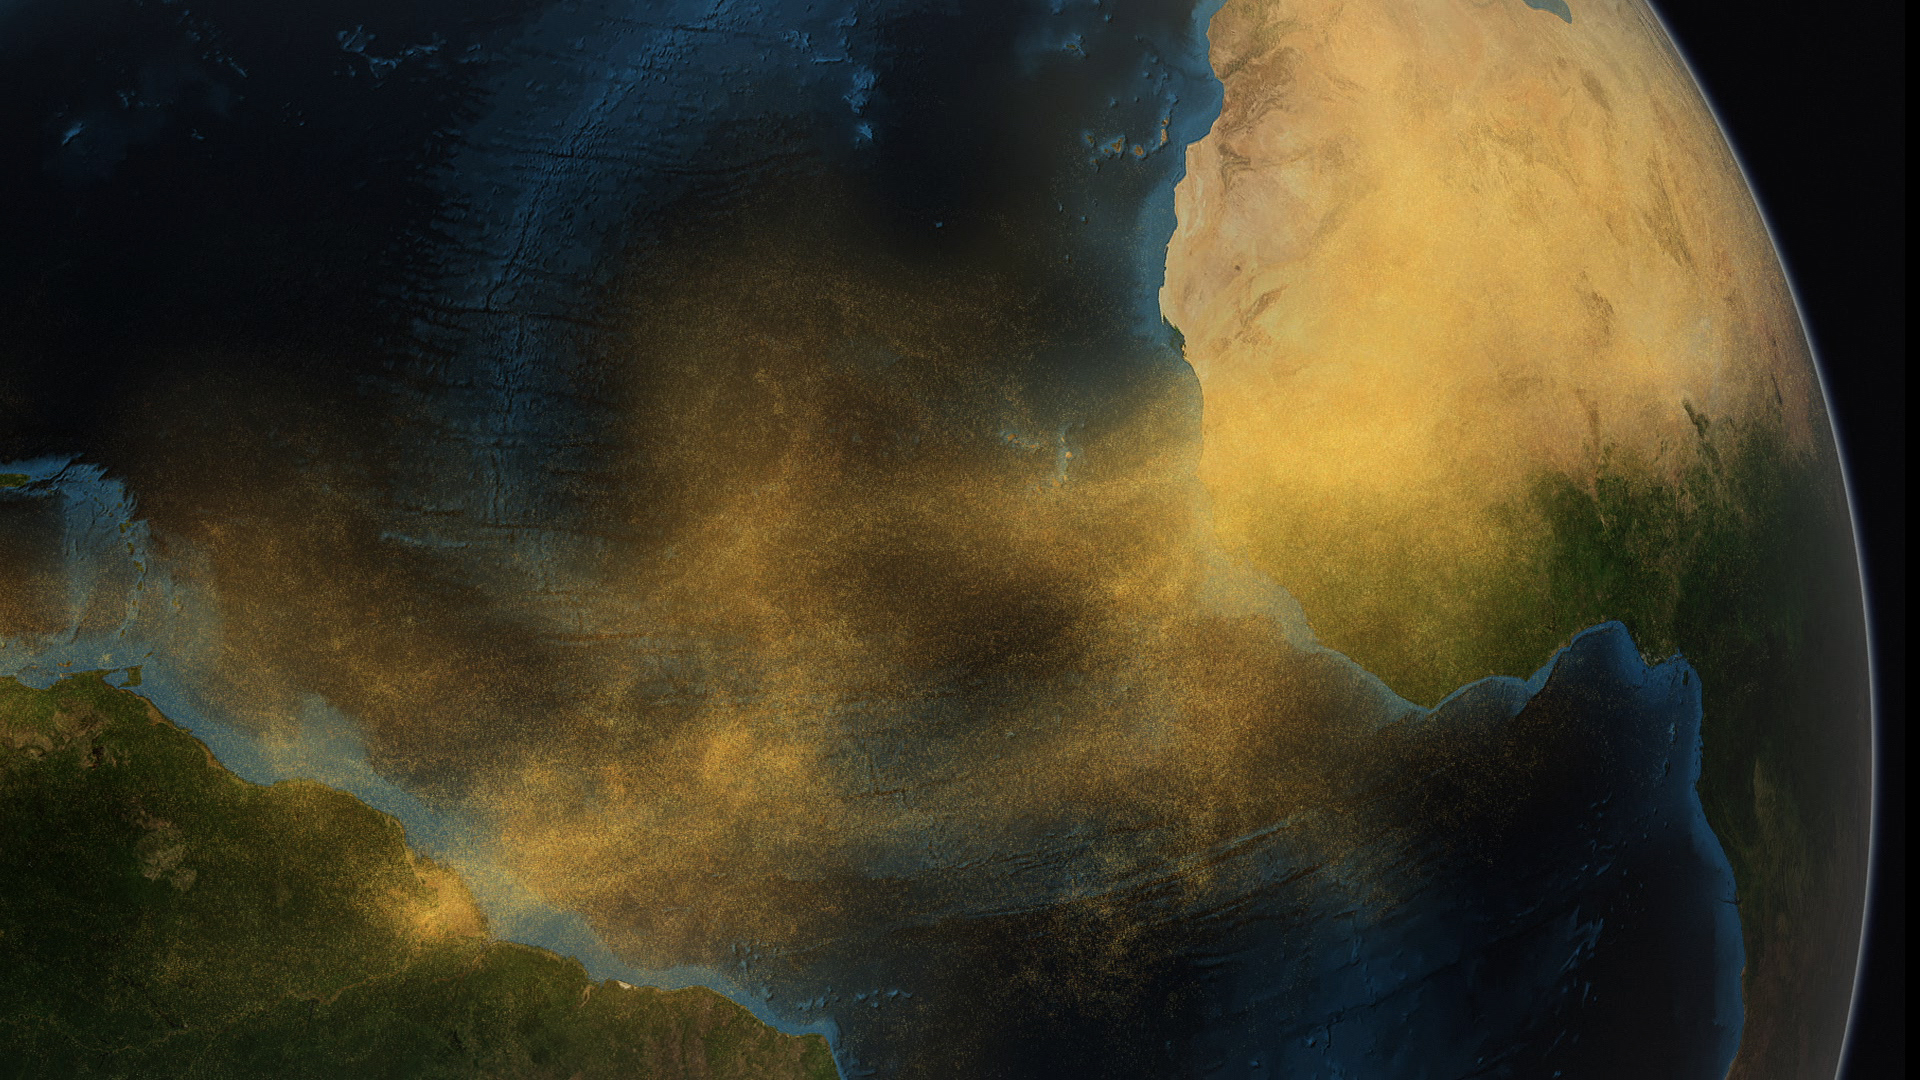 Imagen conceptual del polvo del Sahara viajando a través del Atlántico. Imagen: Conceptual Image Lab. Fuente: NASA/Centro de Vuelo Espacial Goddard.